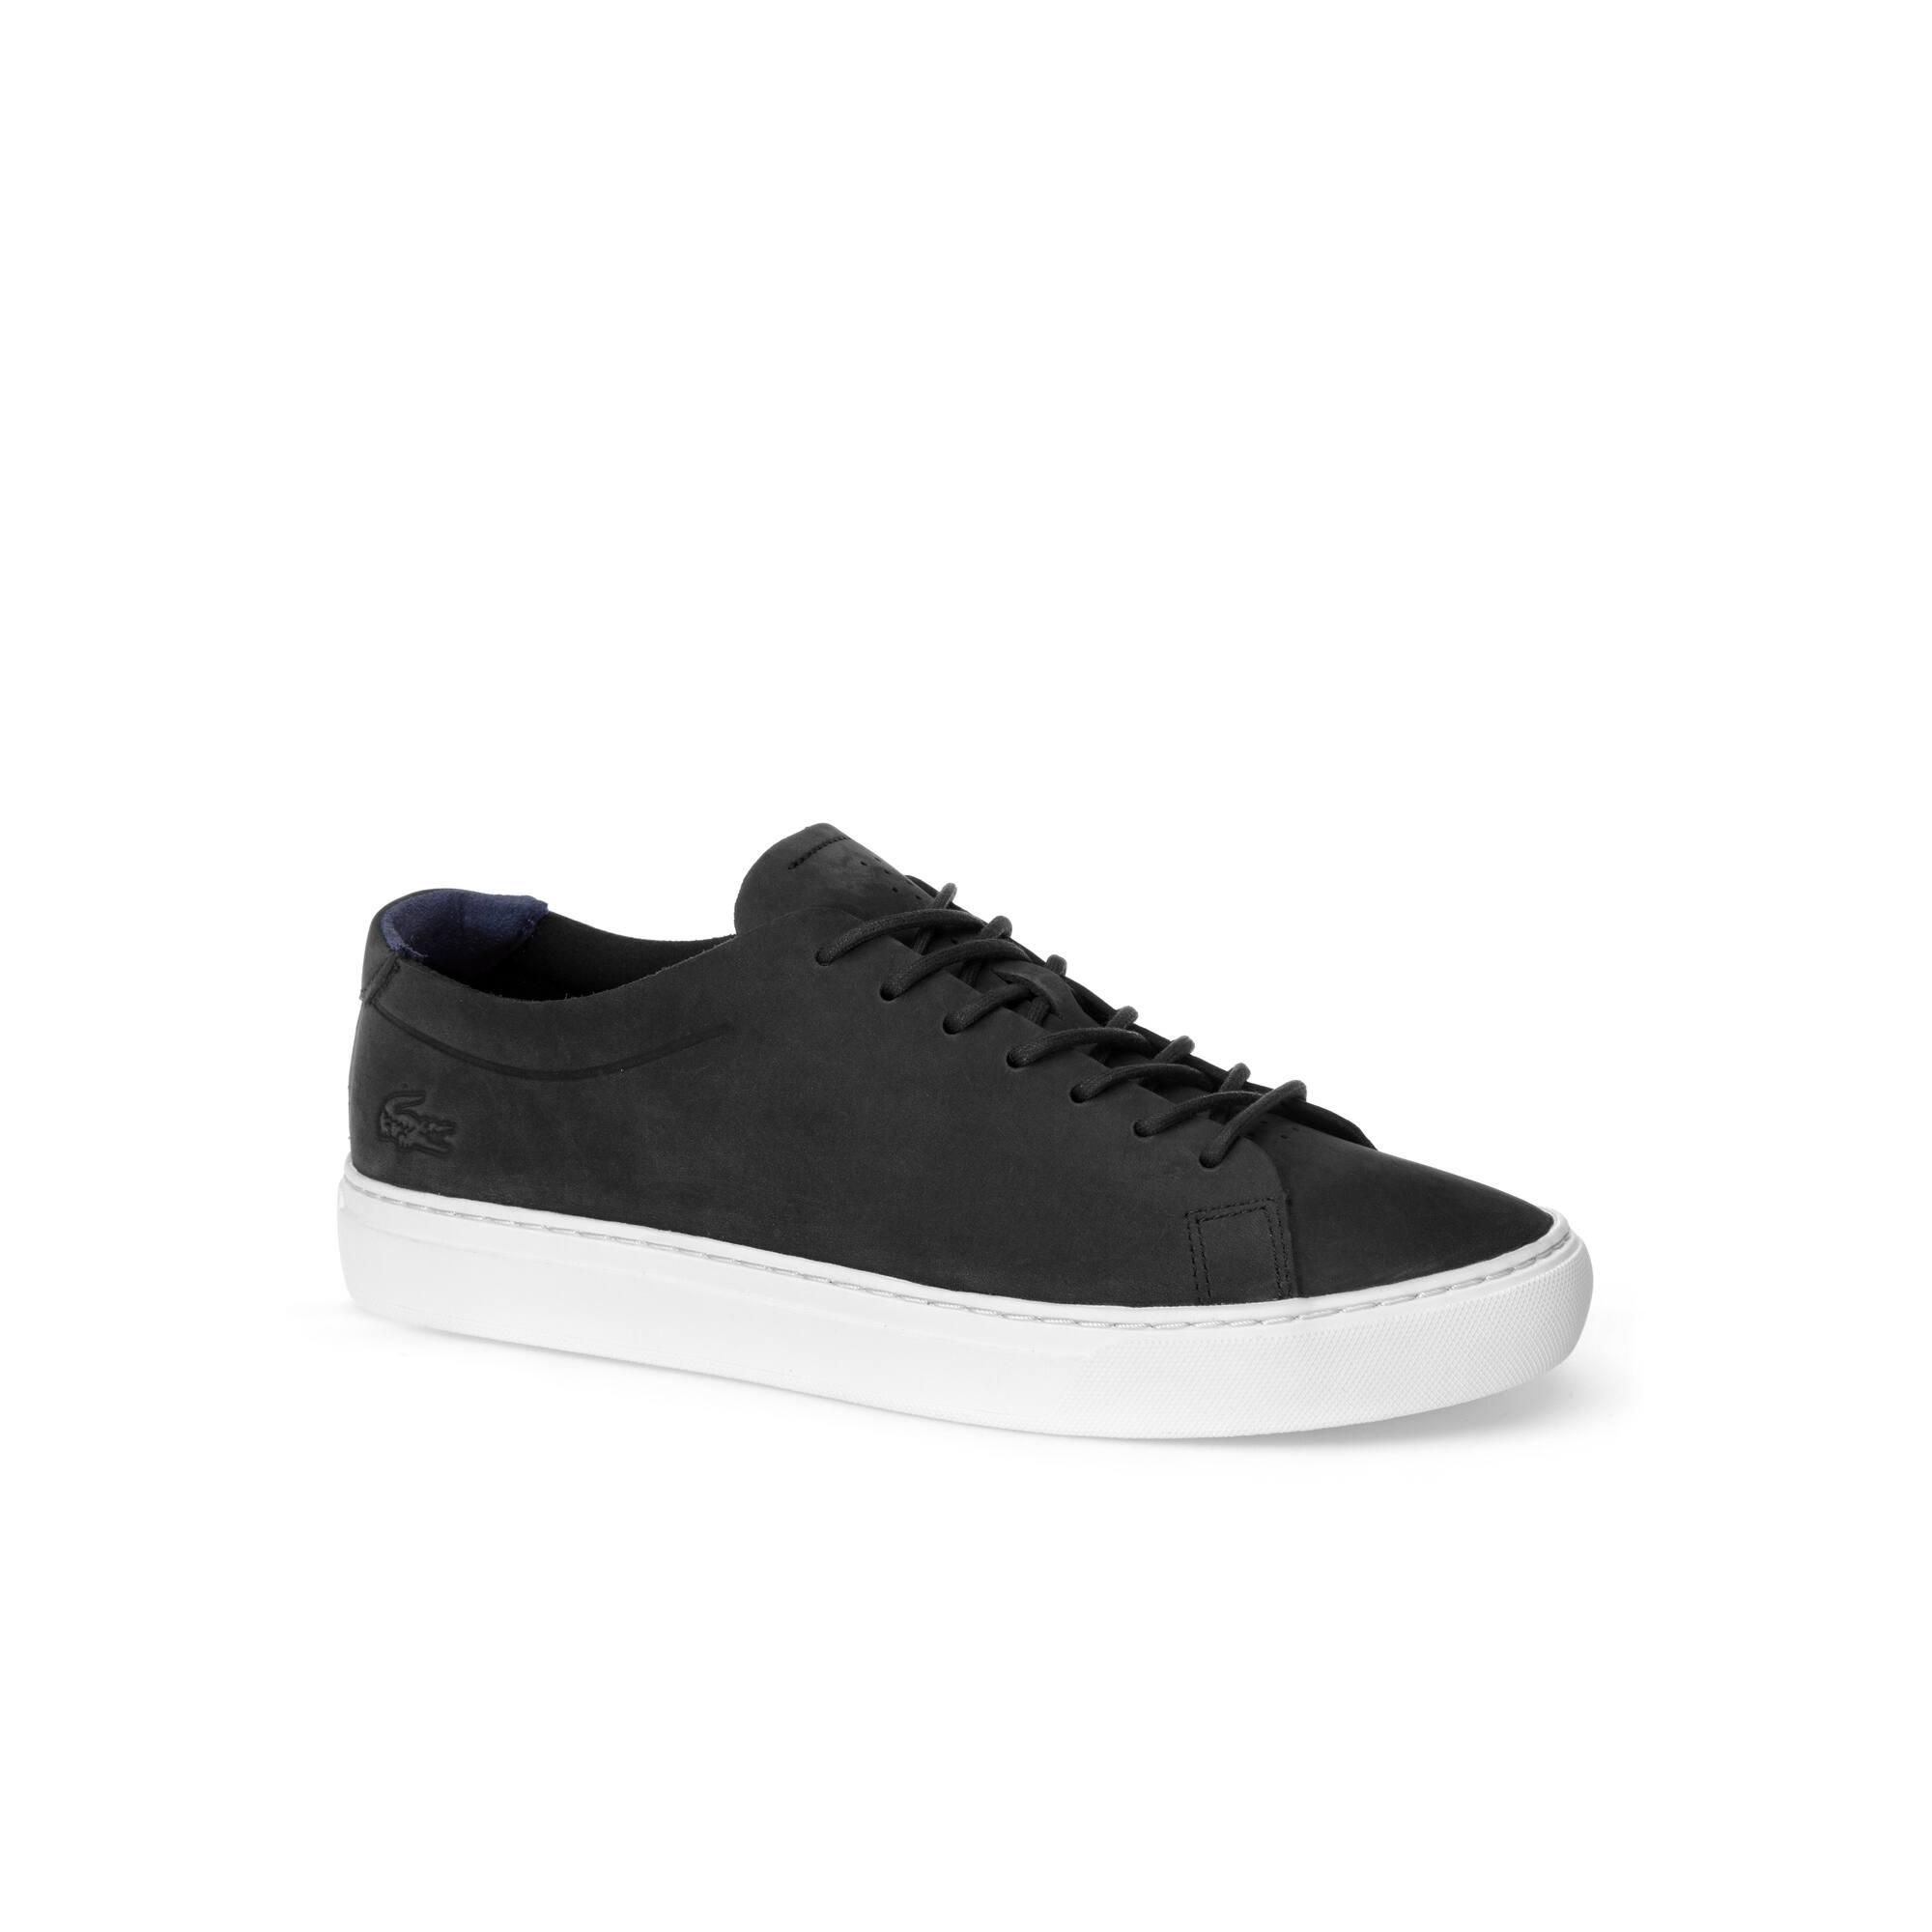 Aus 12 Unlined Herren Nubukleder L Sneakers 12 VMUzSp